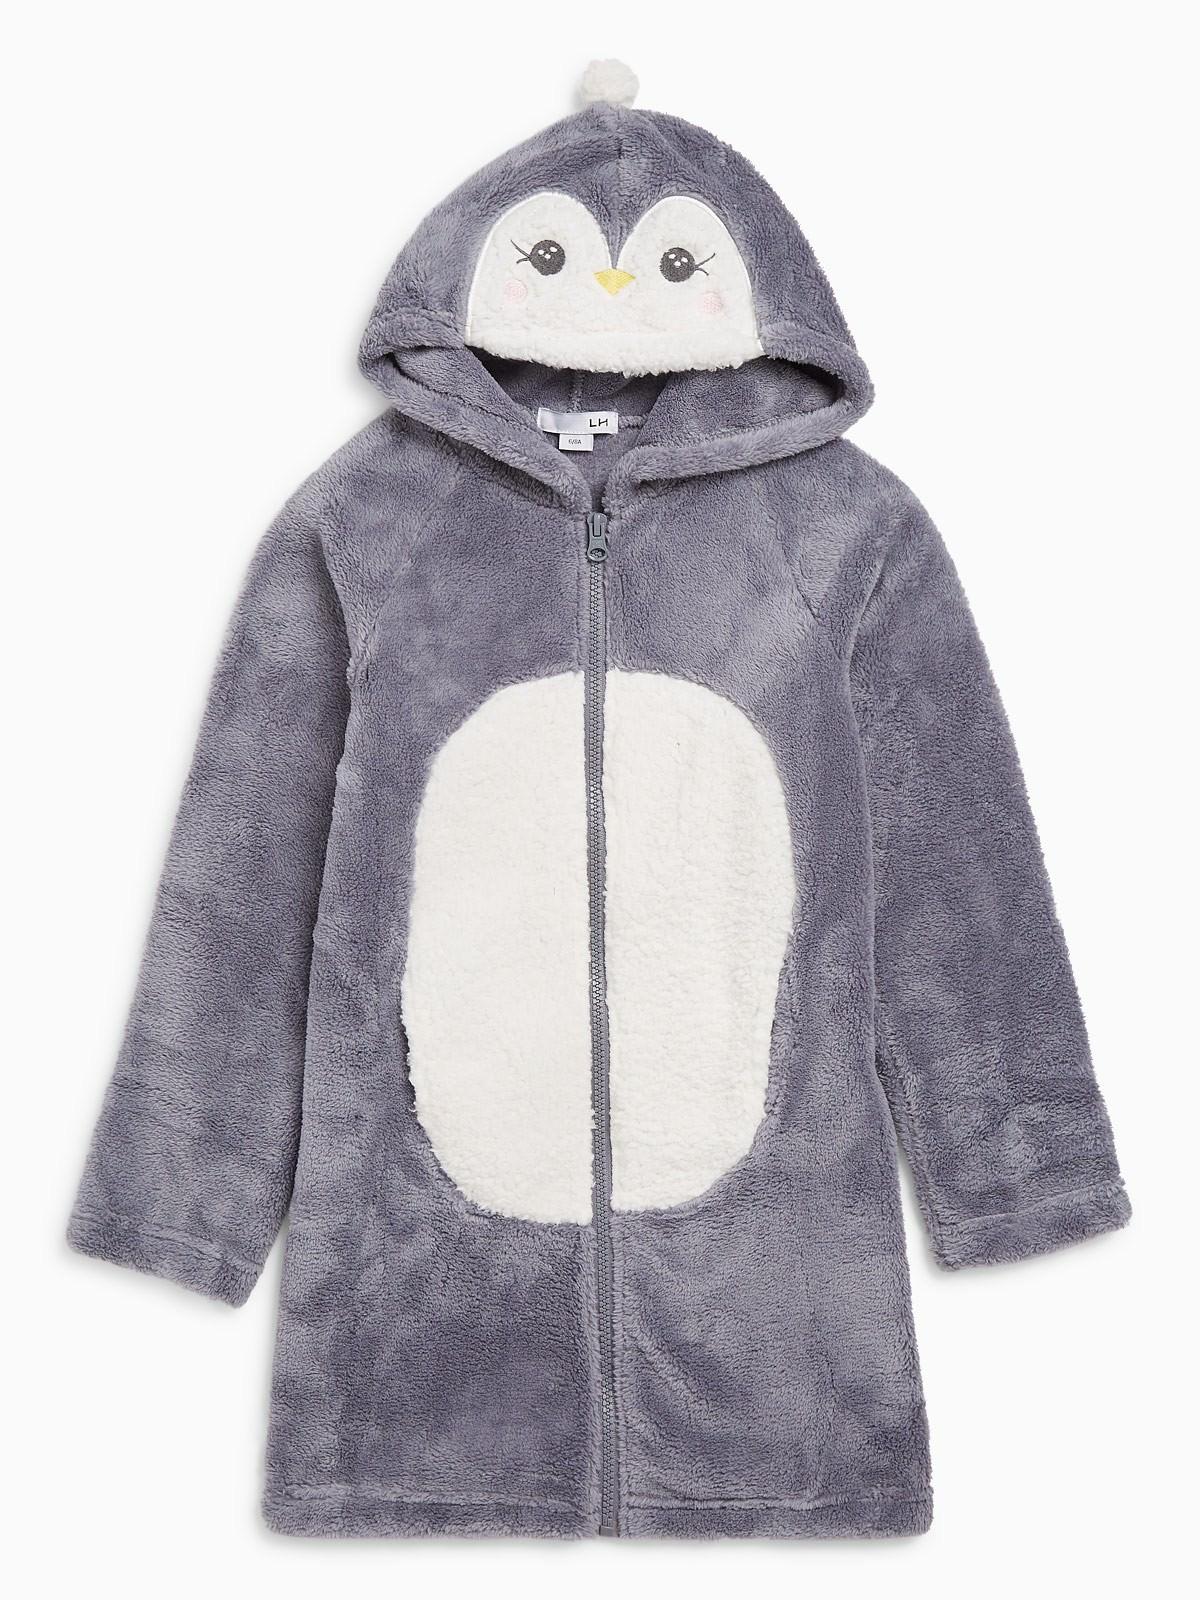 30% de réduction sur une sélection d'articles de nuit - Ex : Peignoir pingouin avec capuche